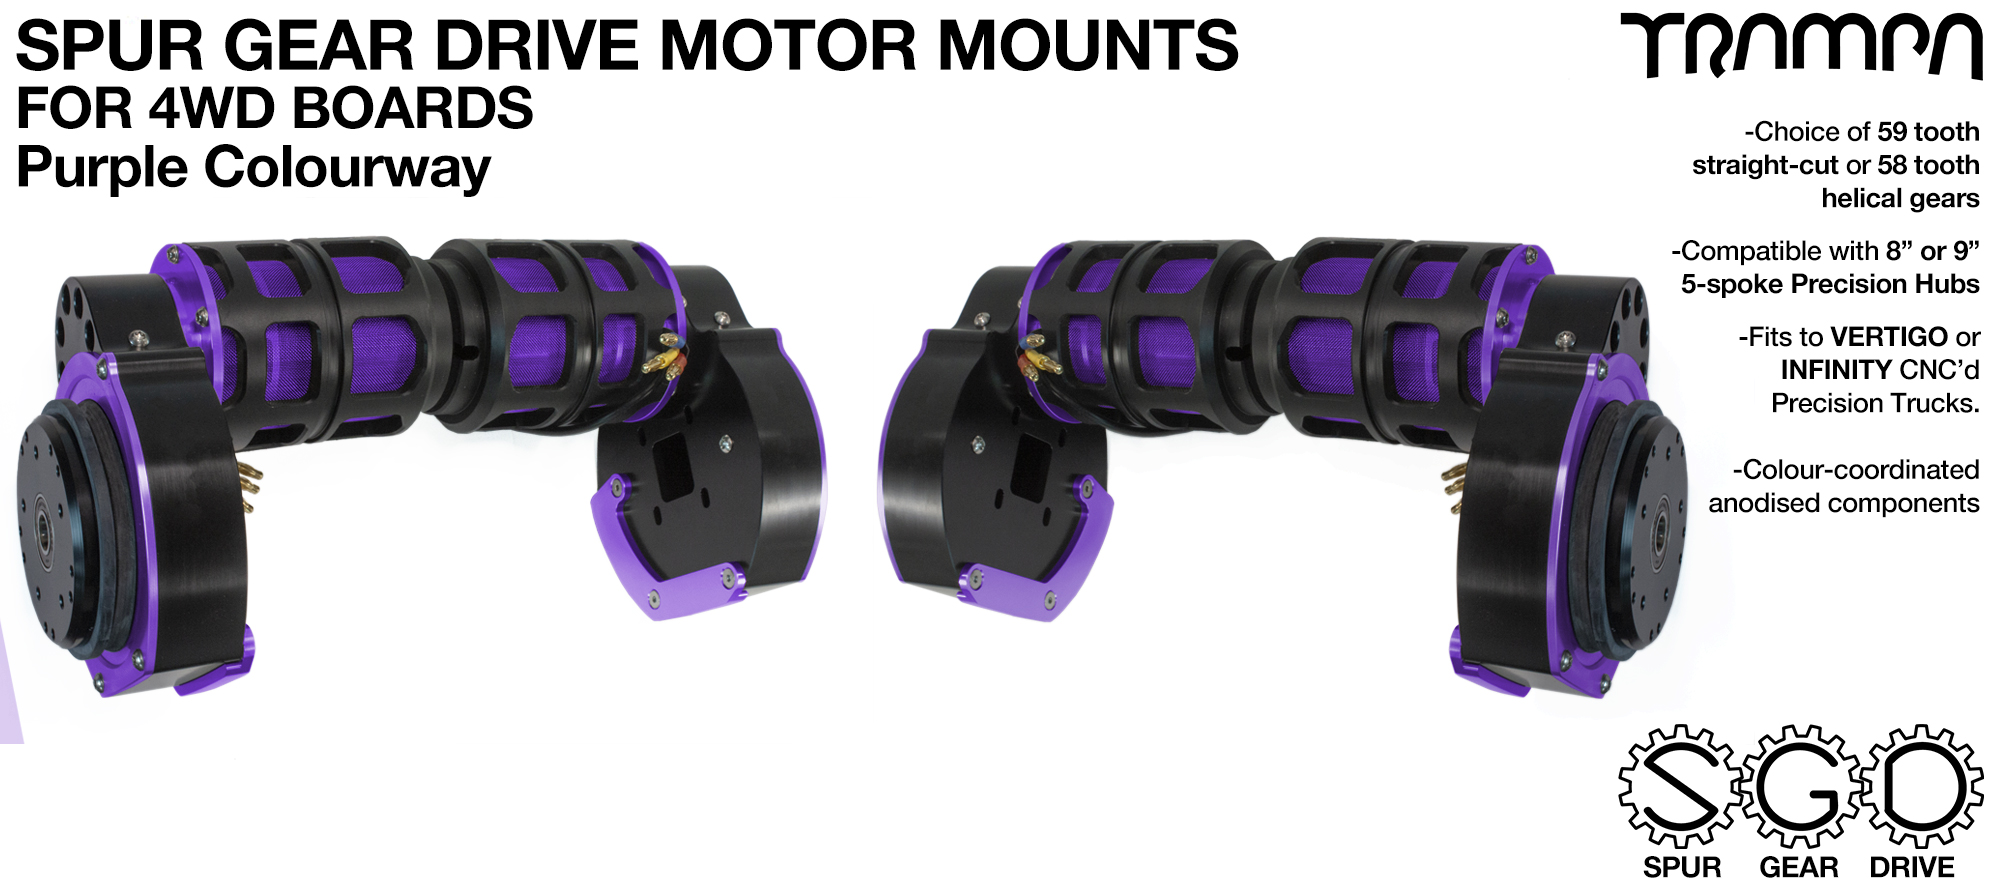 PURPLE 4WD Spur Gear Drive Motor Mount